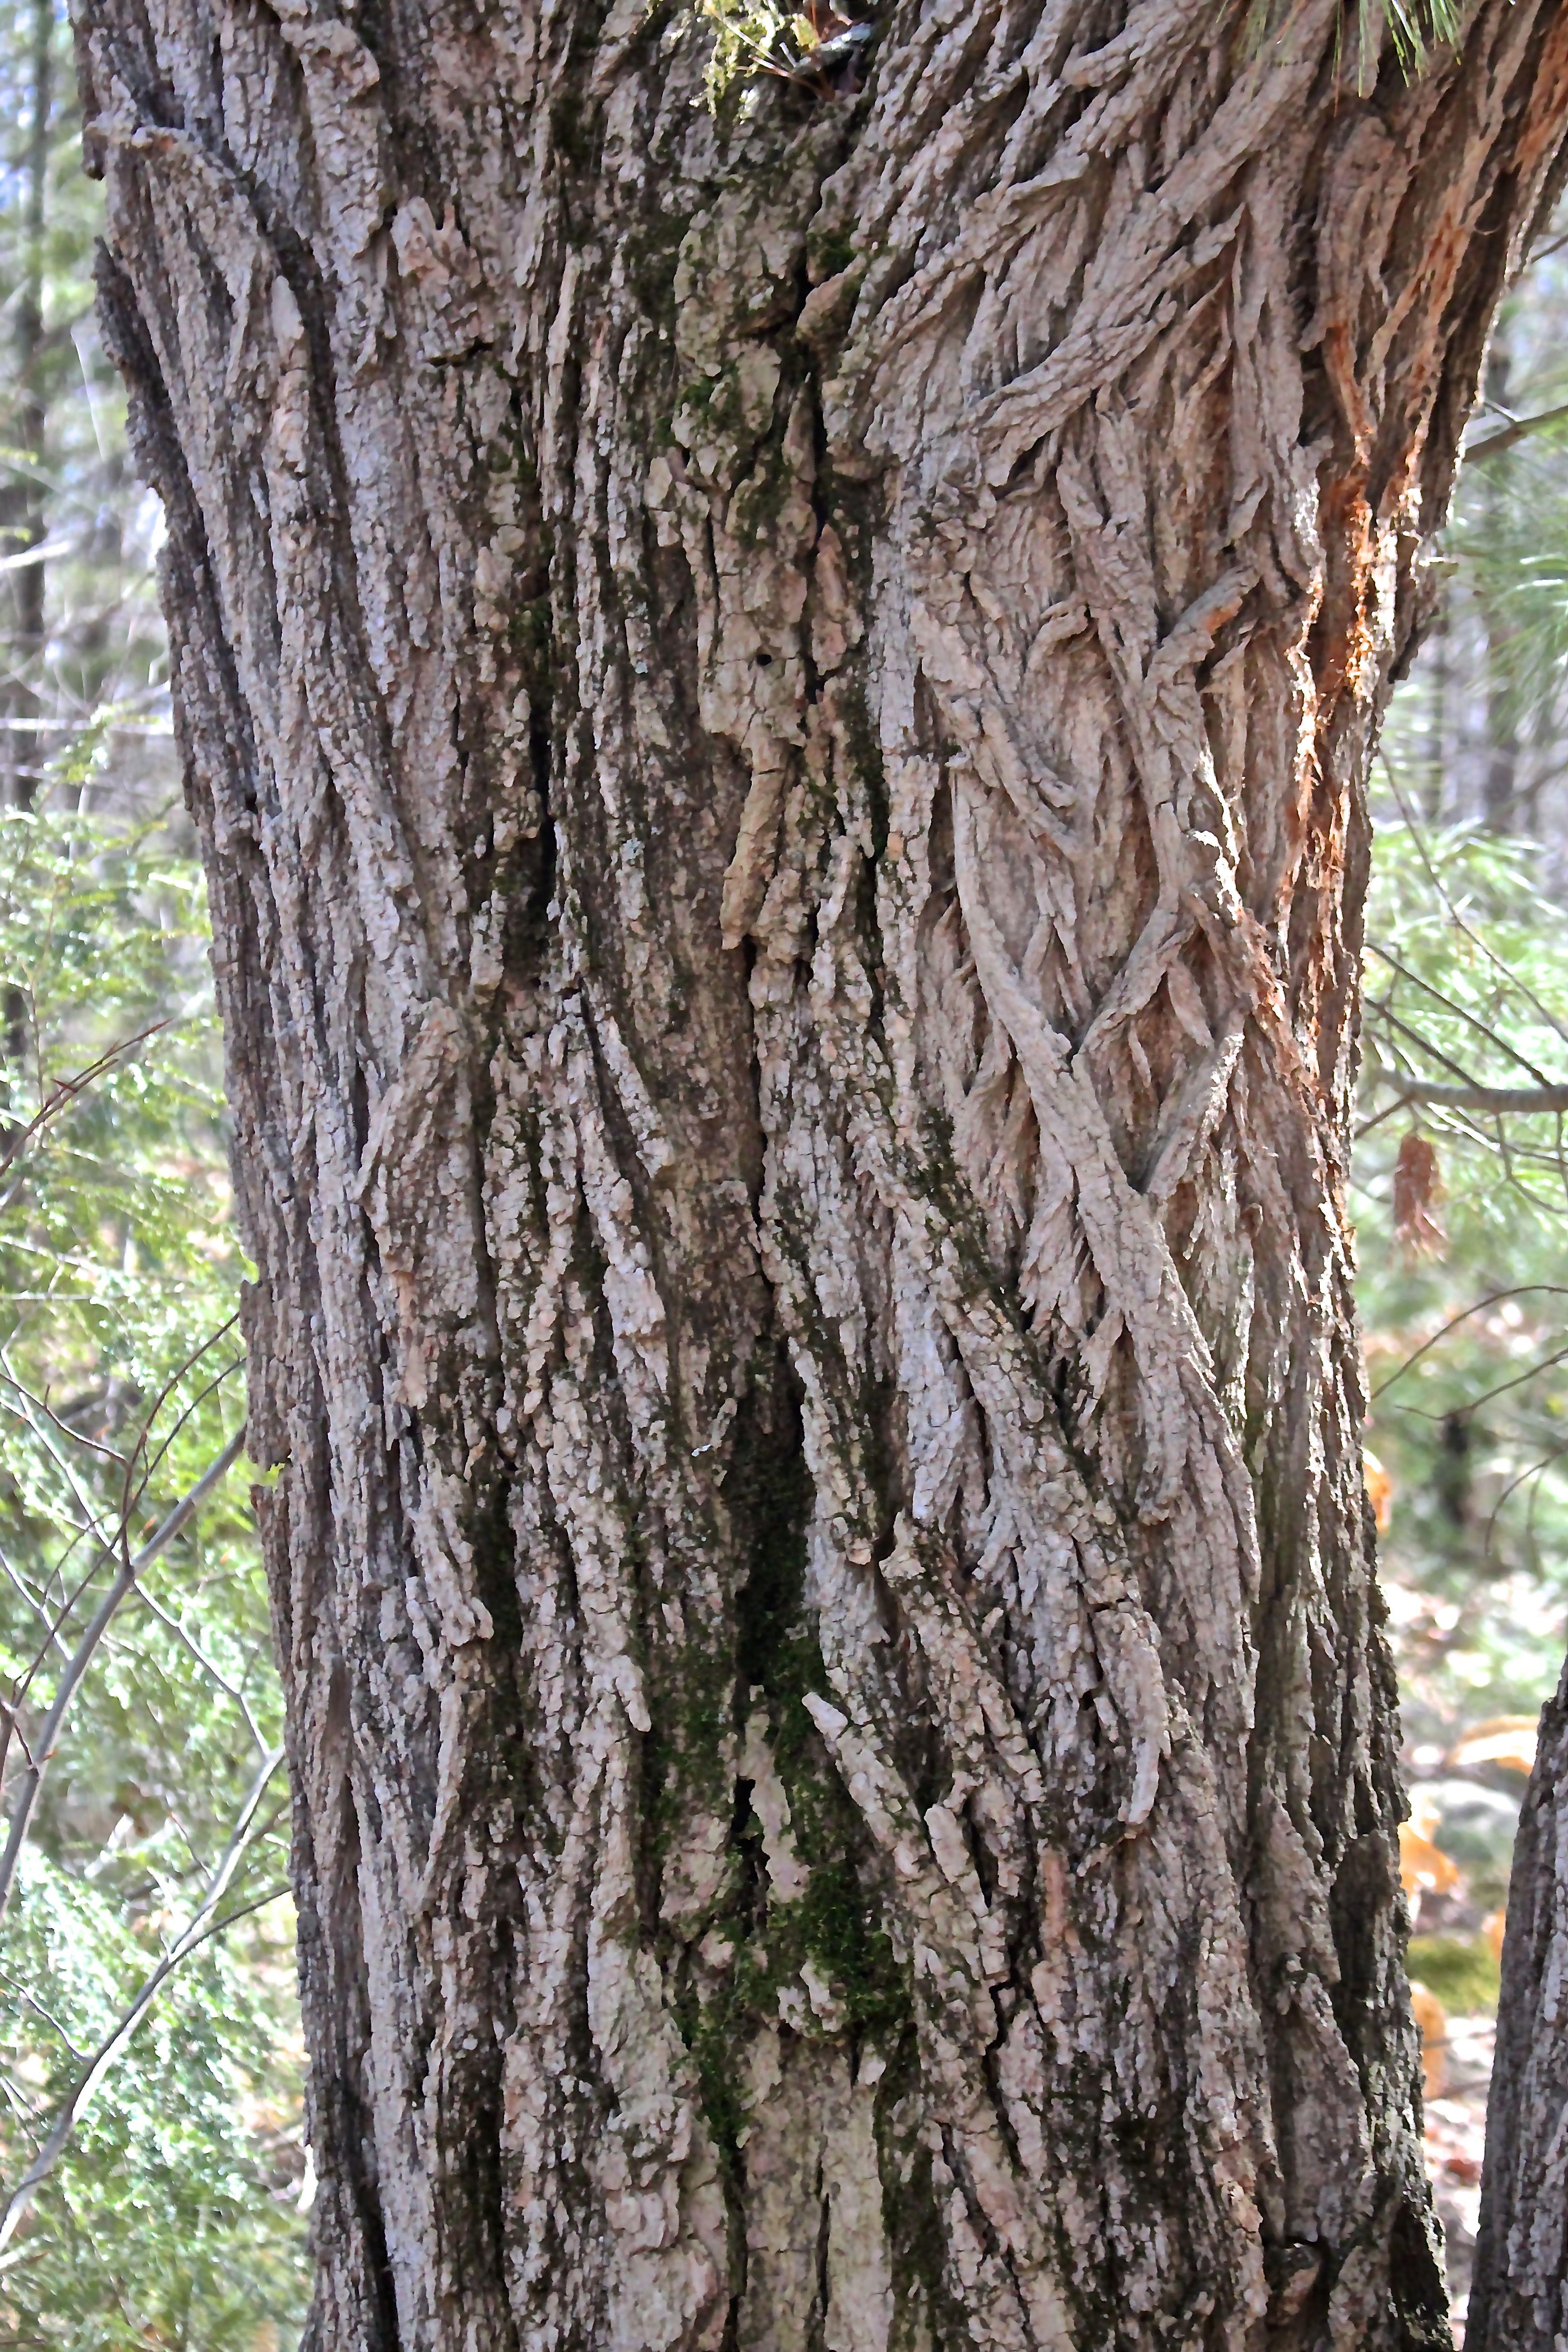 s-locust bark